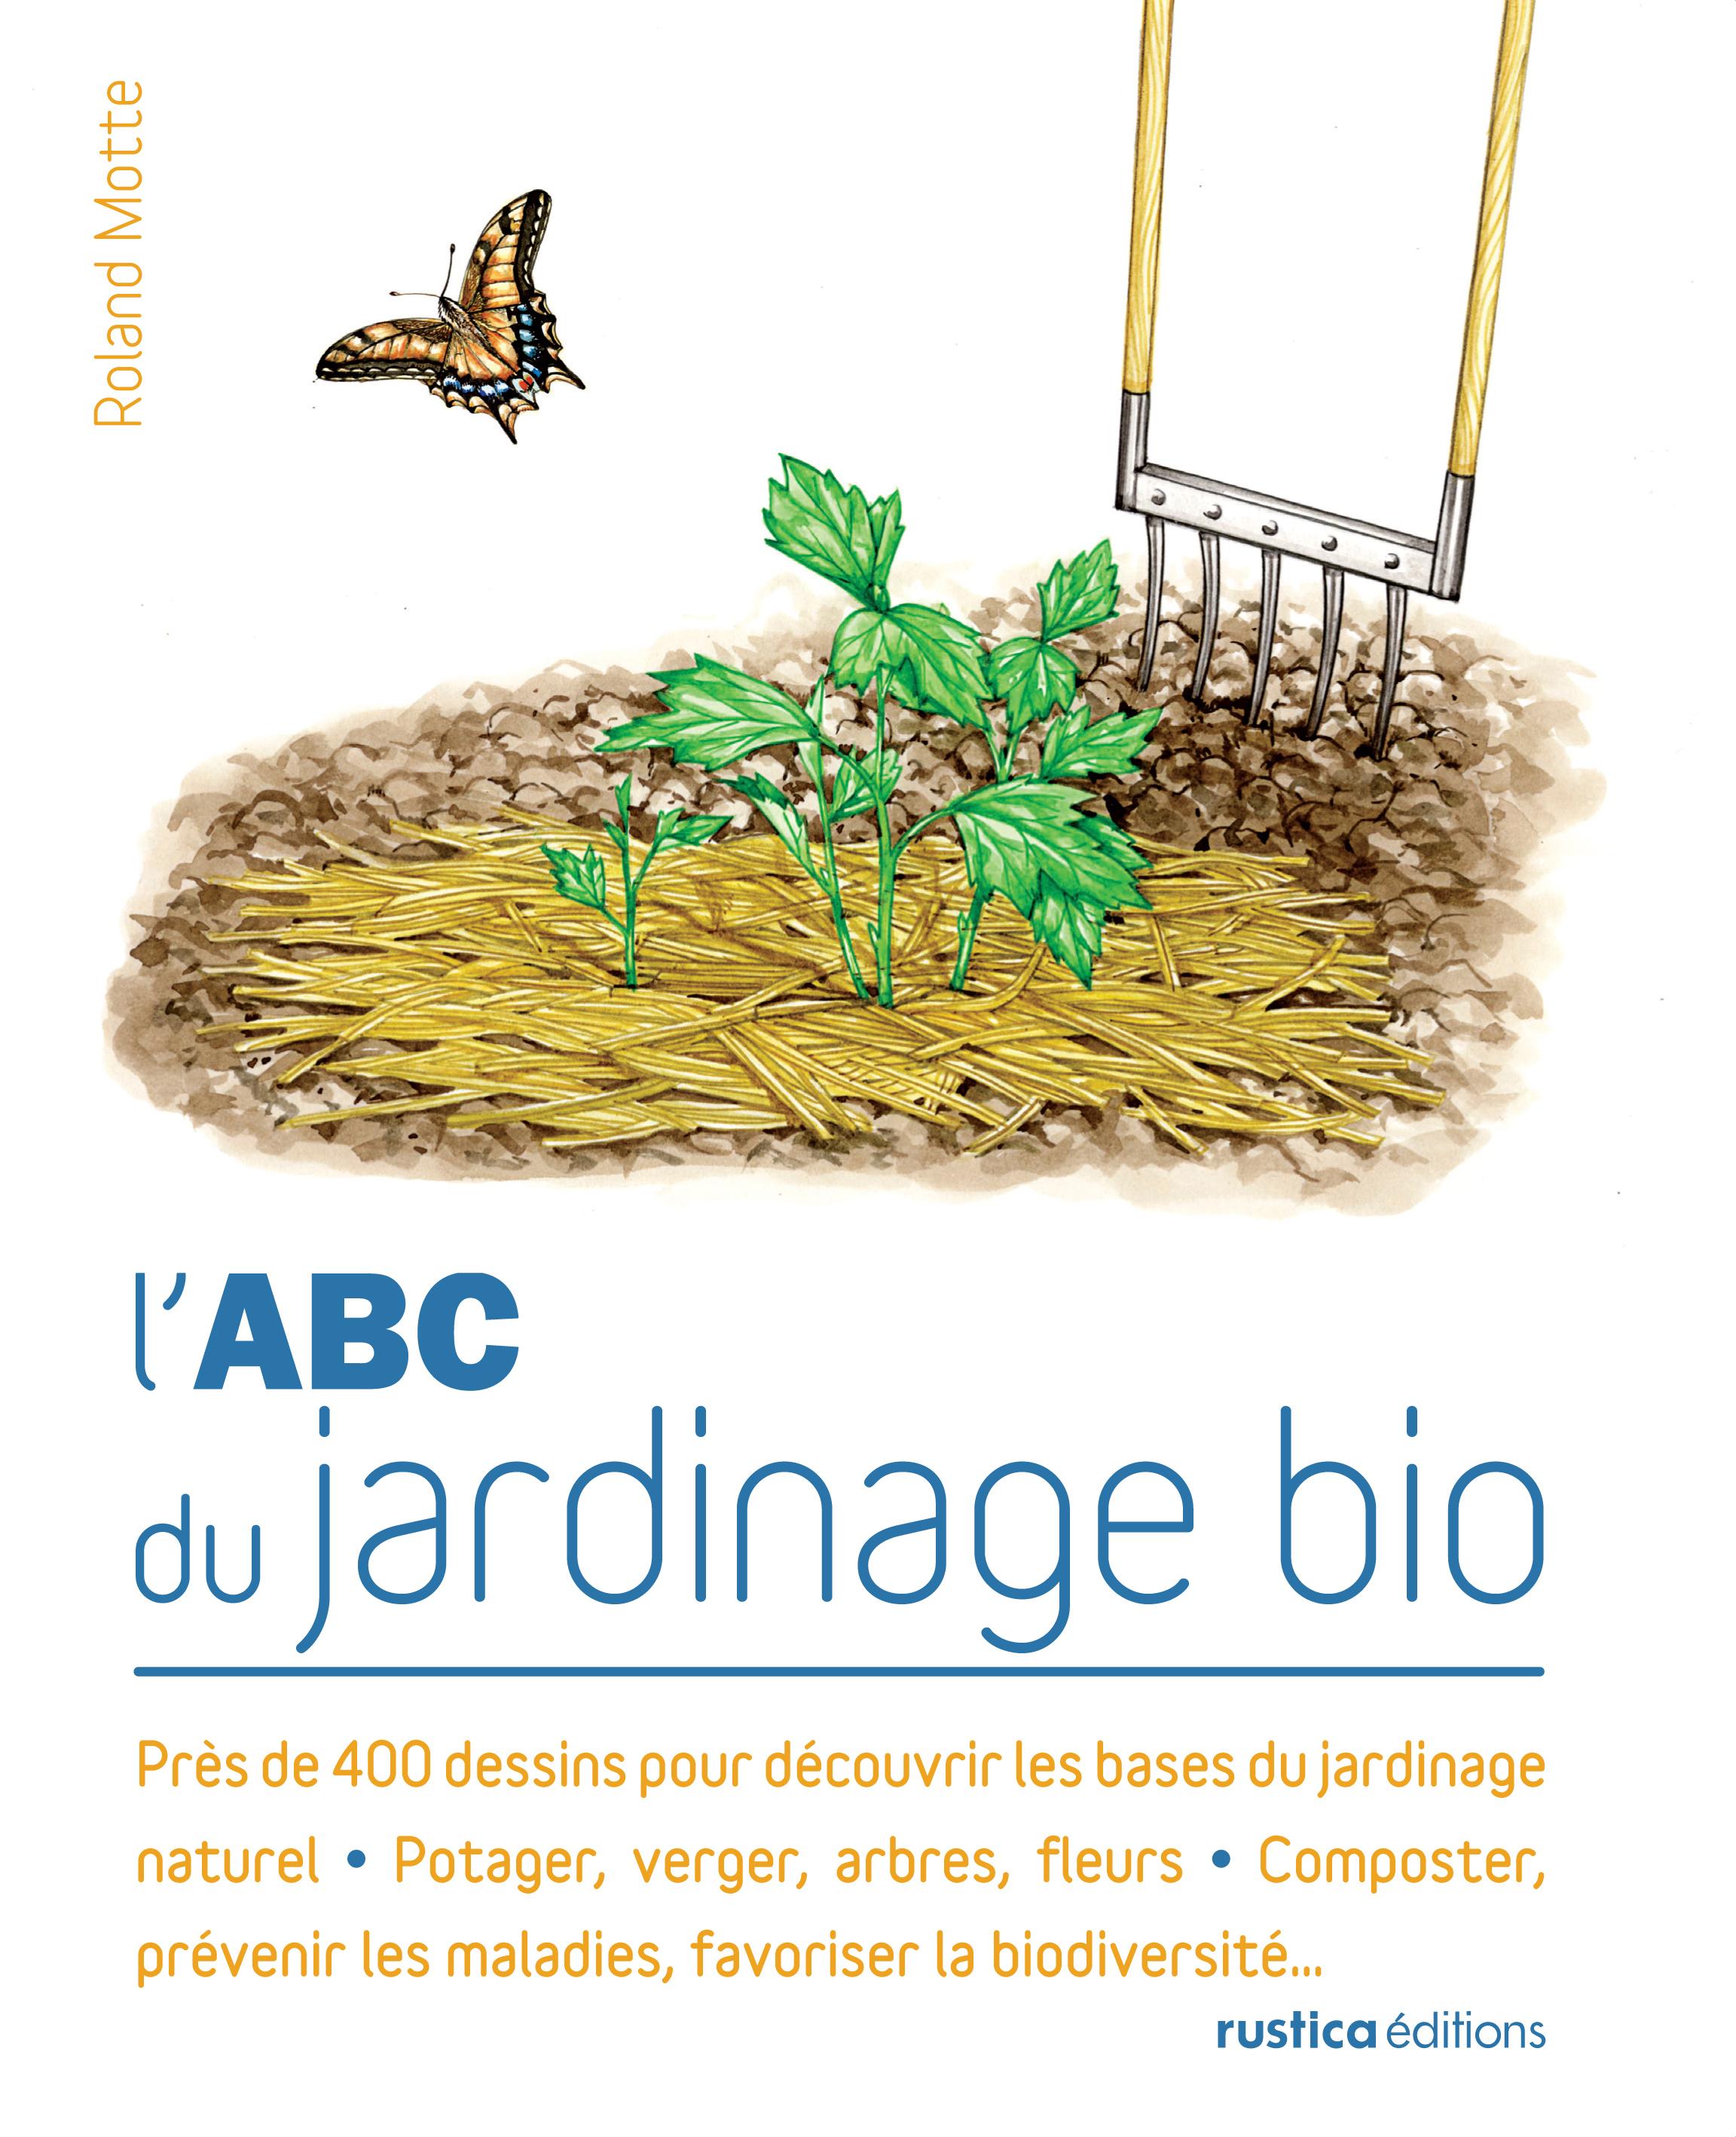 L'ABC DU JARDINAGE BIO